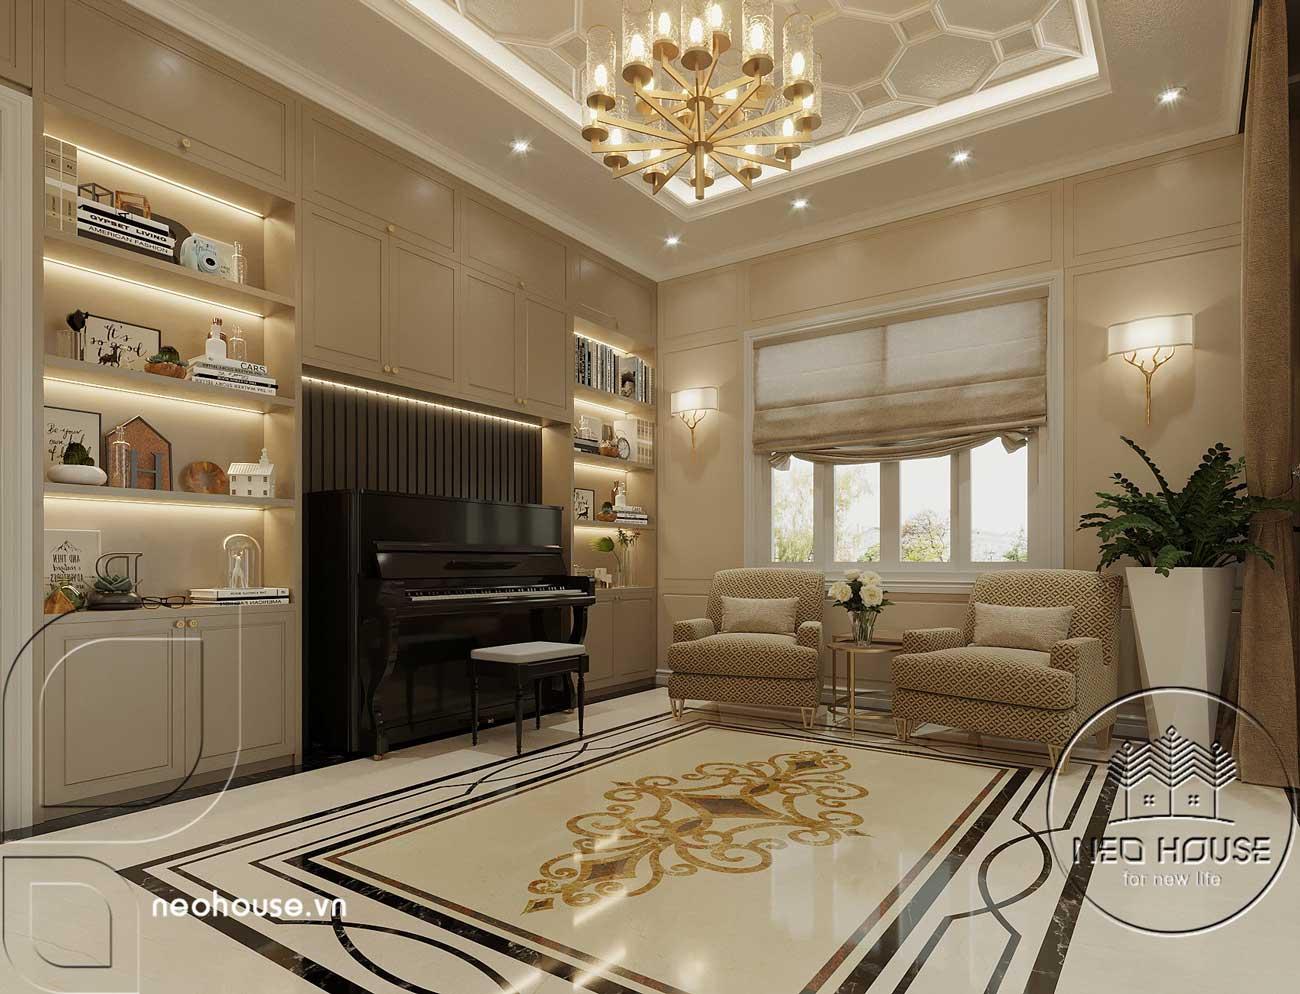 Nội thất sảnh chính biệt thự tân cổ điển 3 tầng kiểu pháp